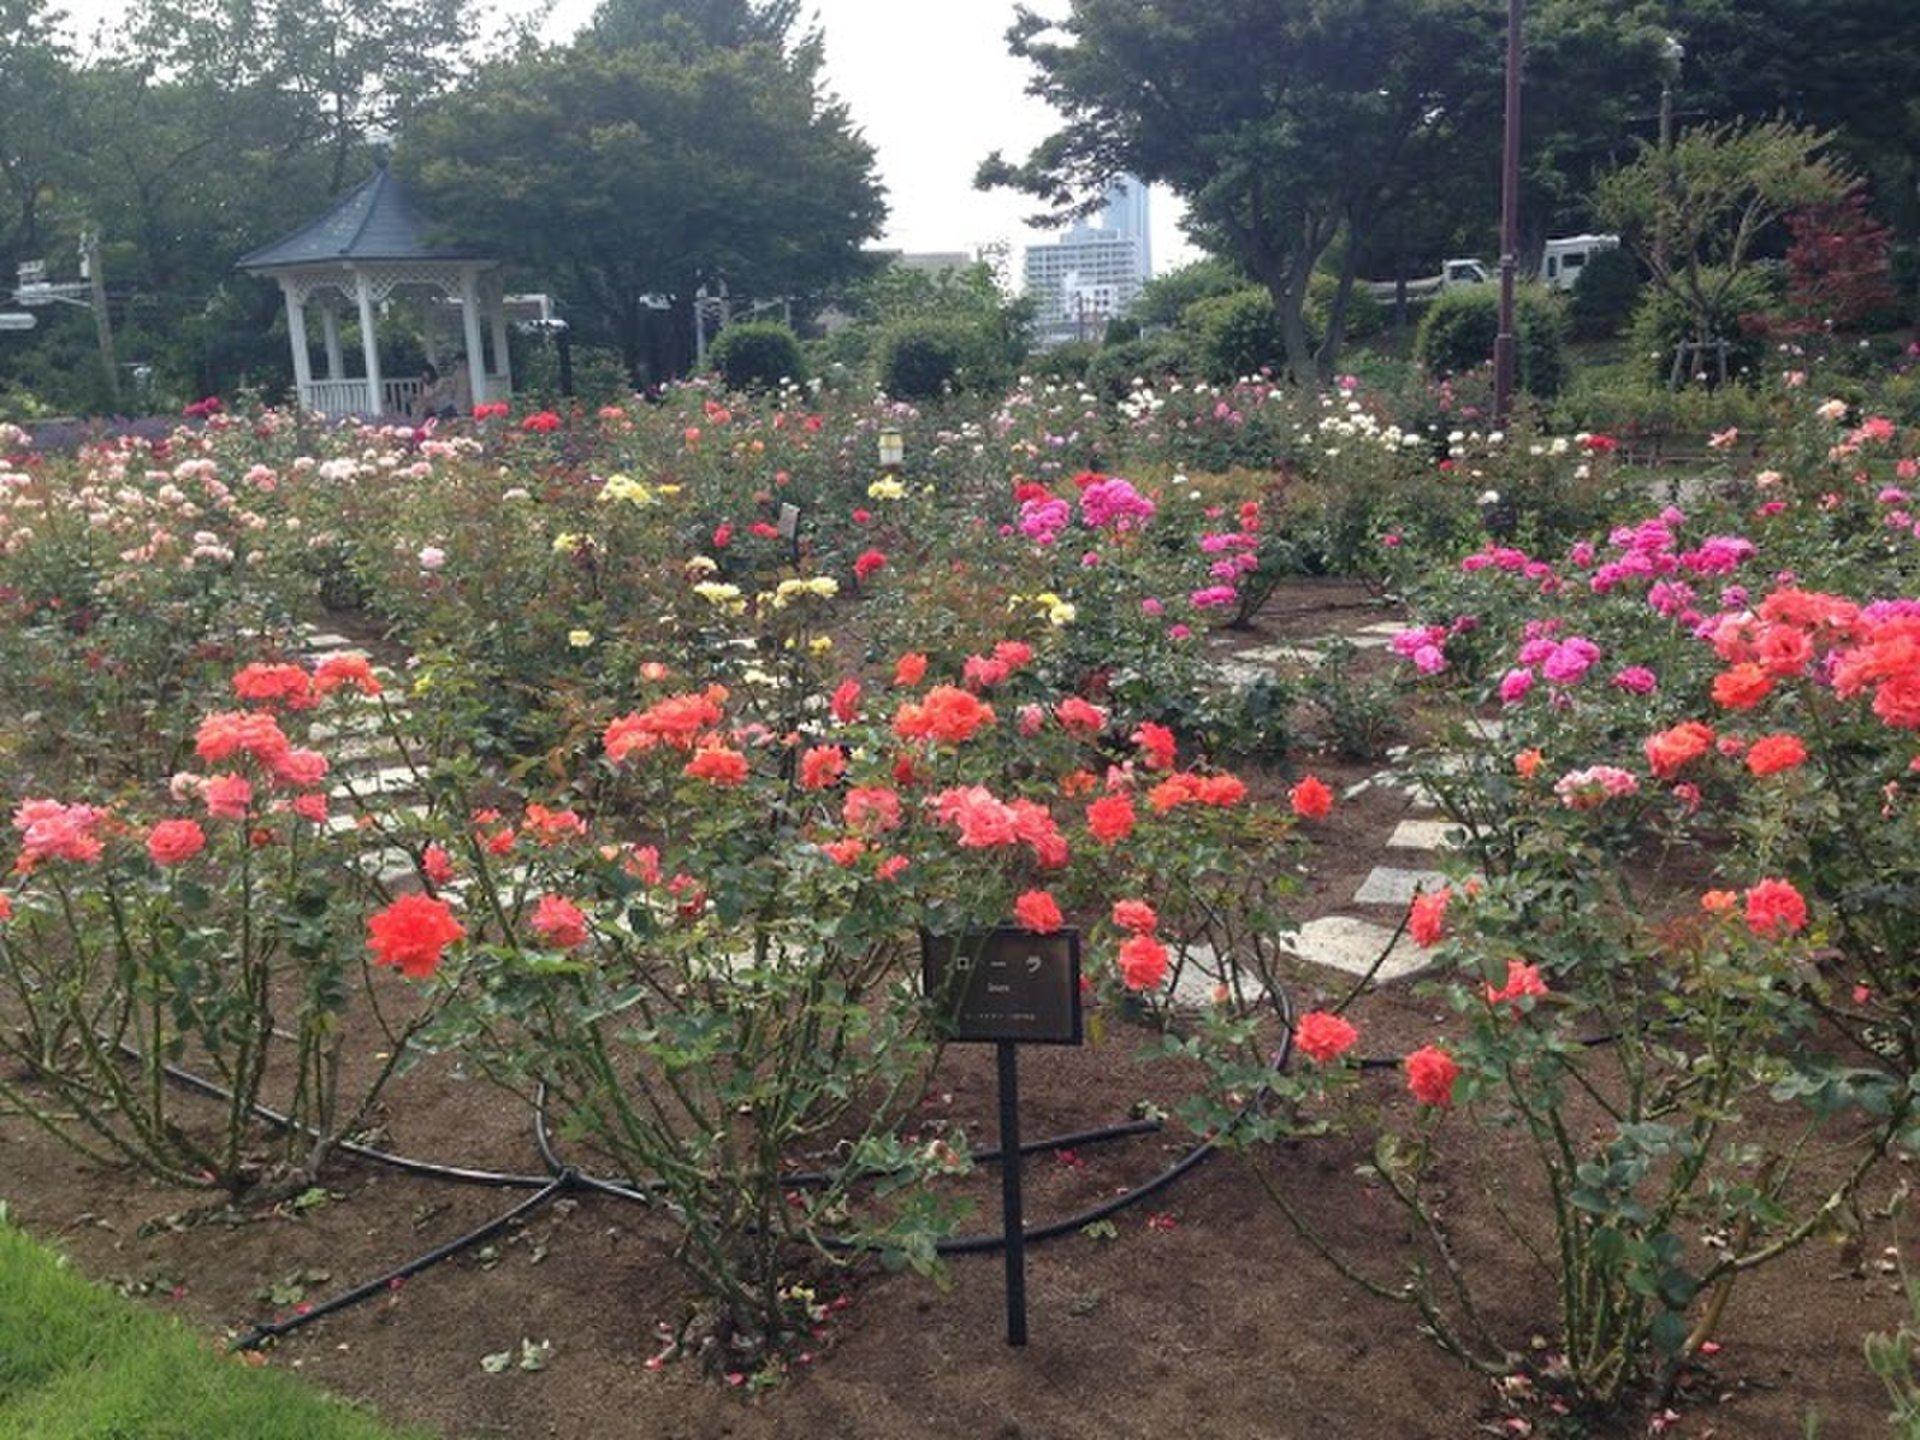 横浜みなとみらいのデートスポット港の見える丘公園へ!バラが見ごろのおすすめ情報!